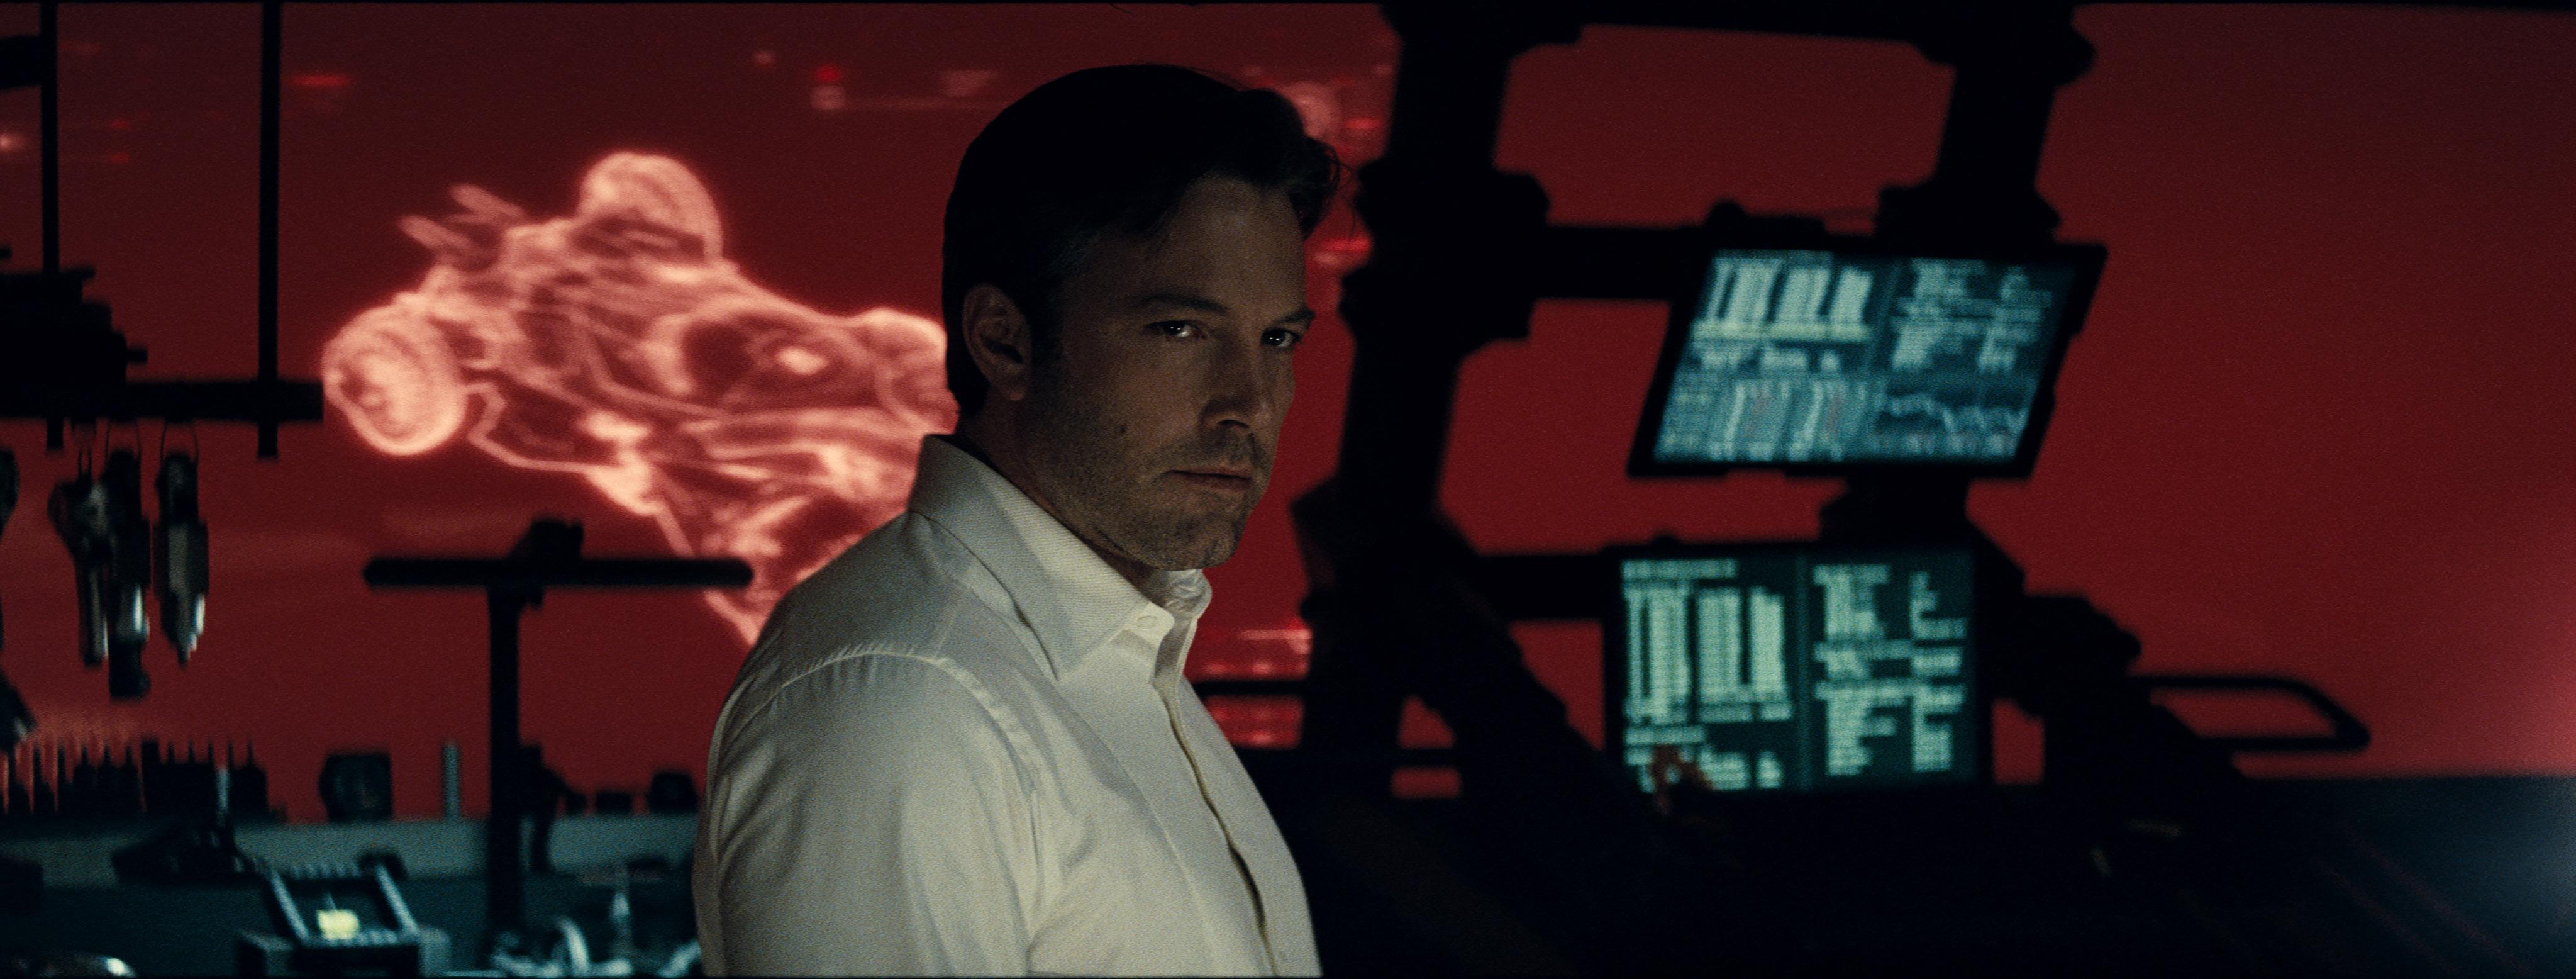 Ben Affleck negocjuje stanowisko reżysera w filmie wojennym Red Platoon